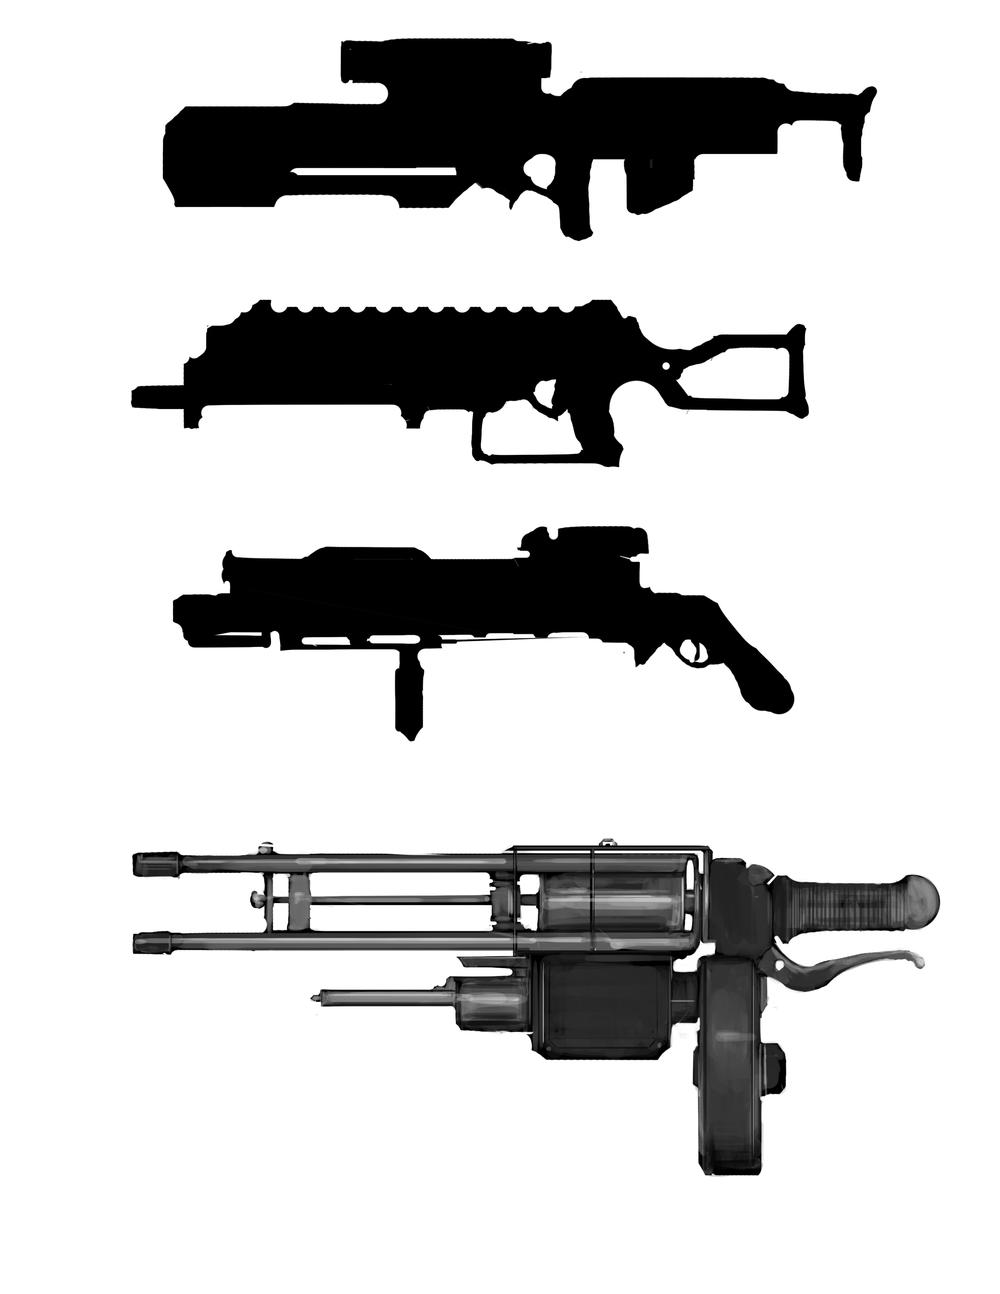 robo_guns.jpg